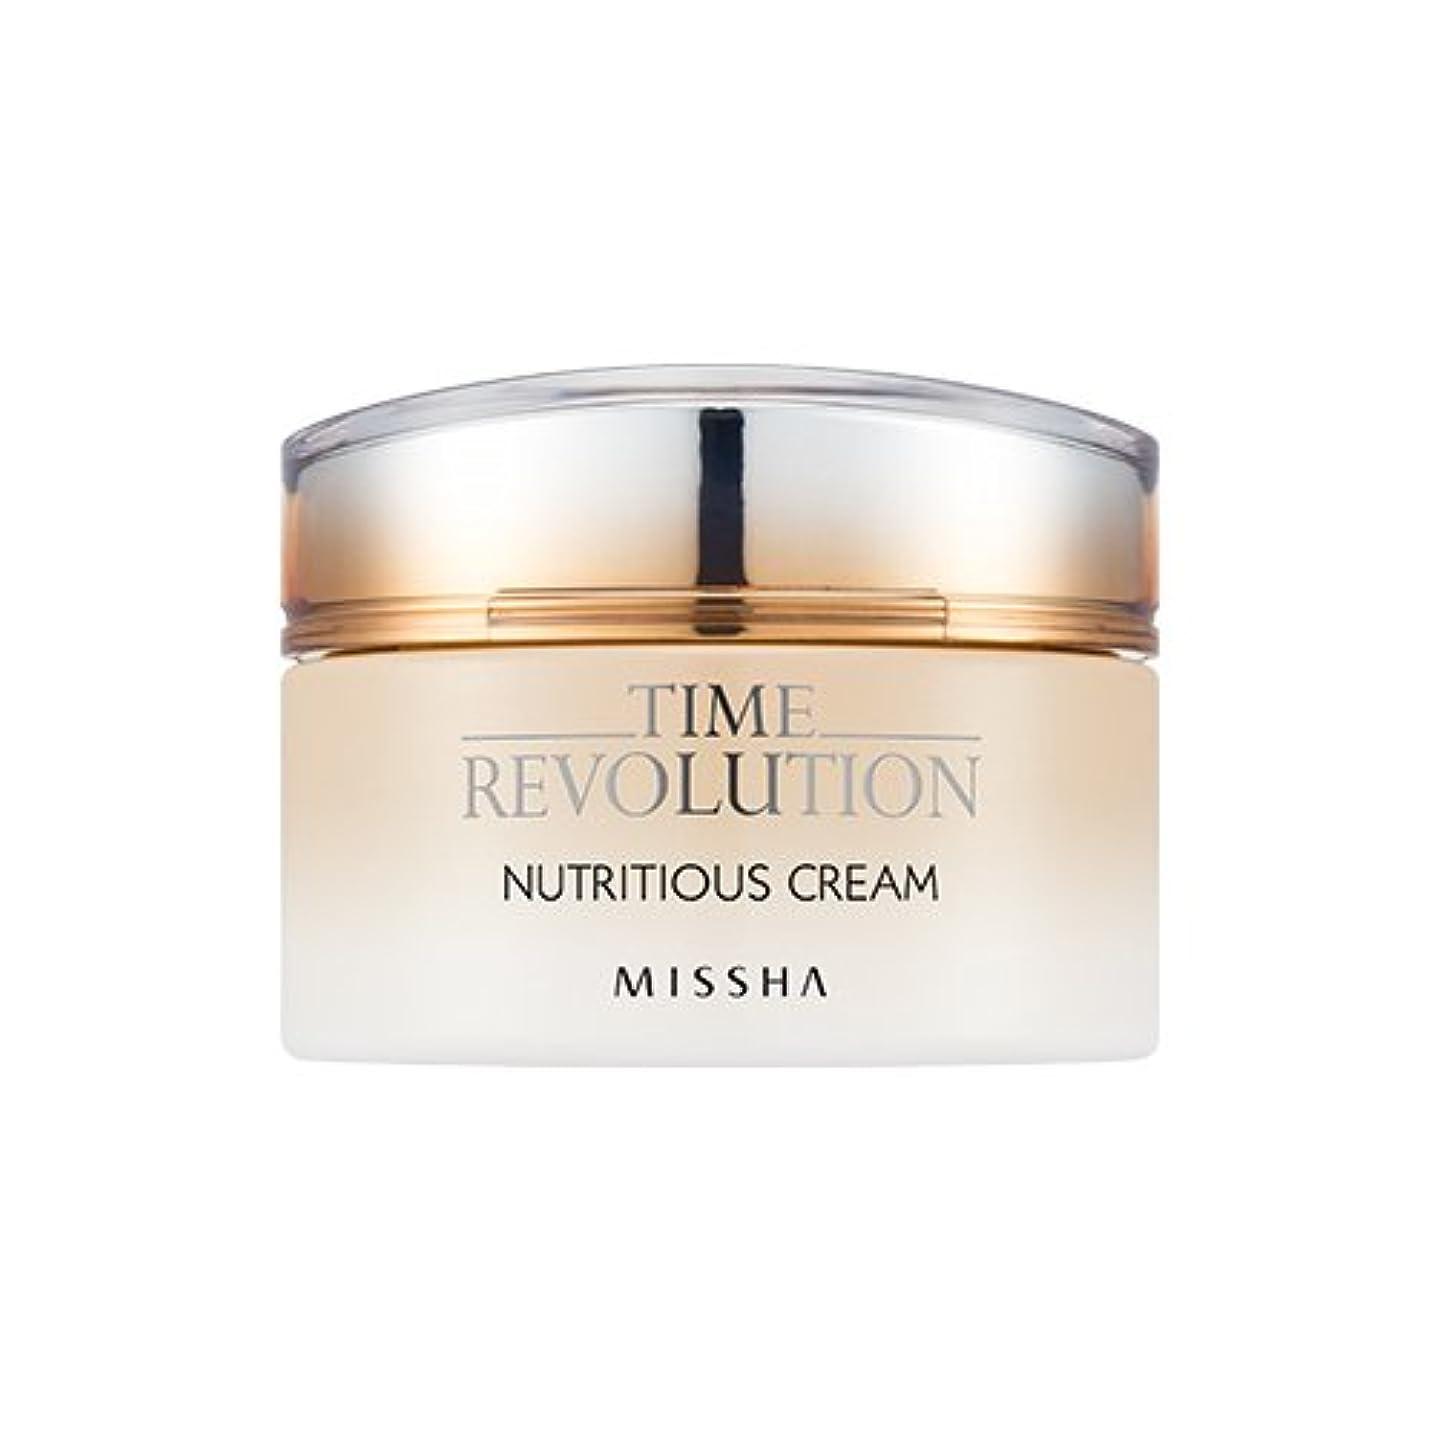 逸脱役に立たない文言[New] MISSHA Time Revolution Nutritious Cream 50ml/ミシャ タイム レボリューション ニュートリシャス クリーム 50ml [並行輸入品]